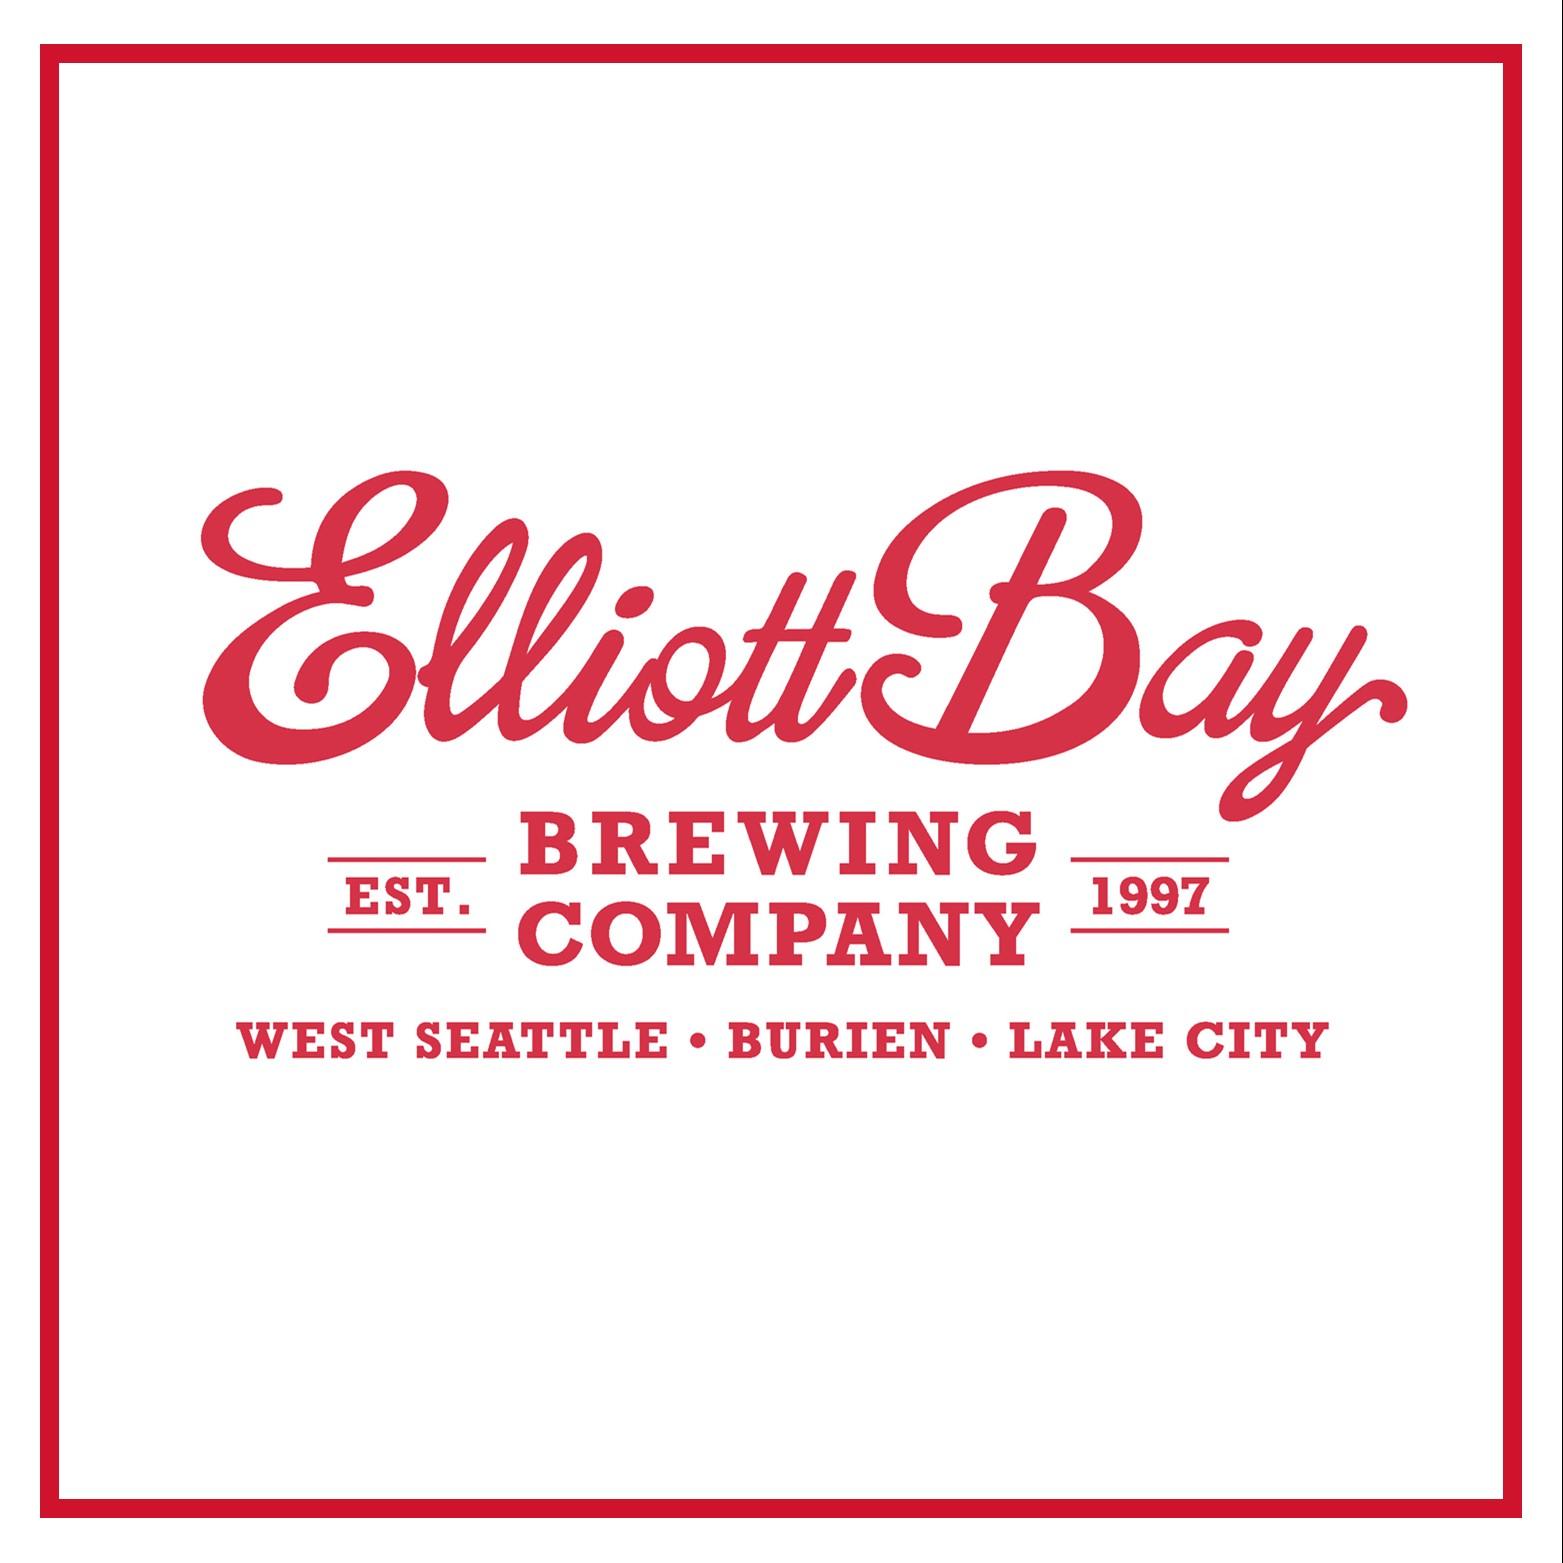 Elliott Bay Brewing